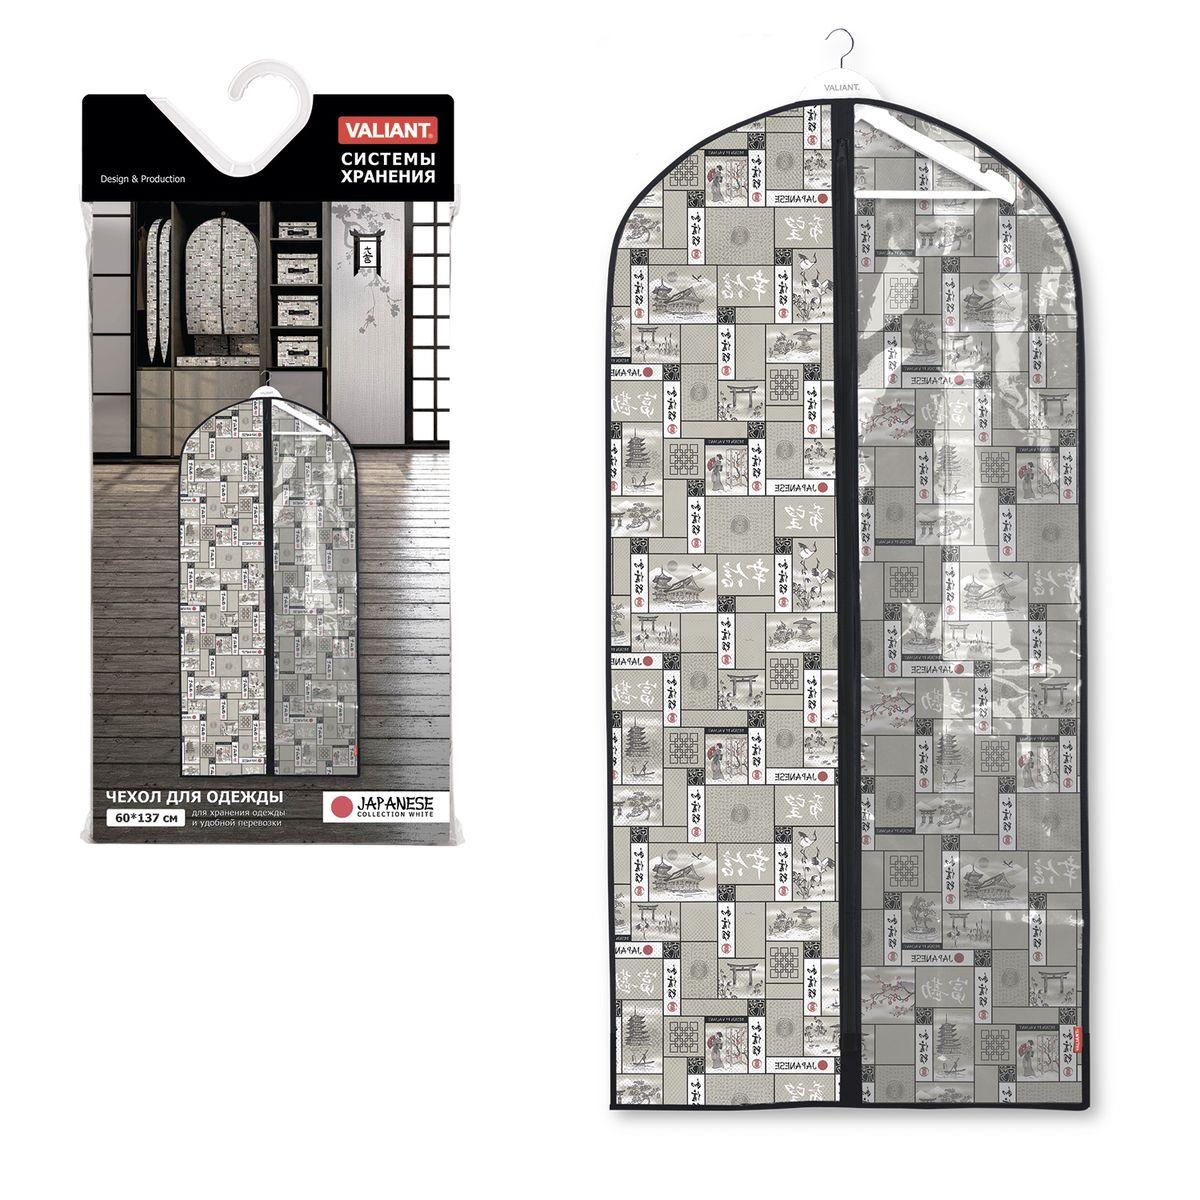 Чехол для одежды Valiant Japanese White, с прозрачной вставкой, 60 х 137 х 10 смJW-CW-137Удобный чехол для одежды Valiant Japanese White, выполненный из высококачественного нетканого материала, идеально подойдет для транспортировки и хранения одежды. Материал позволяет воздуху свободно проникать внутрь, не пропуская пыль. Такой чехол защитит одежду от повреждений, пыли, моли, влаги и загрязнений во время хранения и транспортировки. Специальная прозрачная вставка позволяет видеть содержимое чехла, не открывая его.